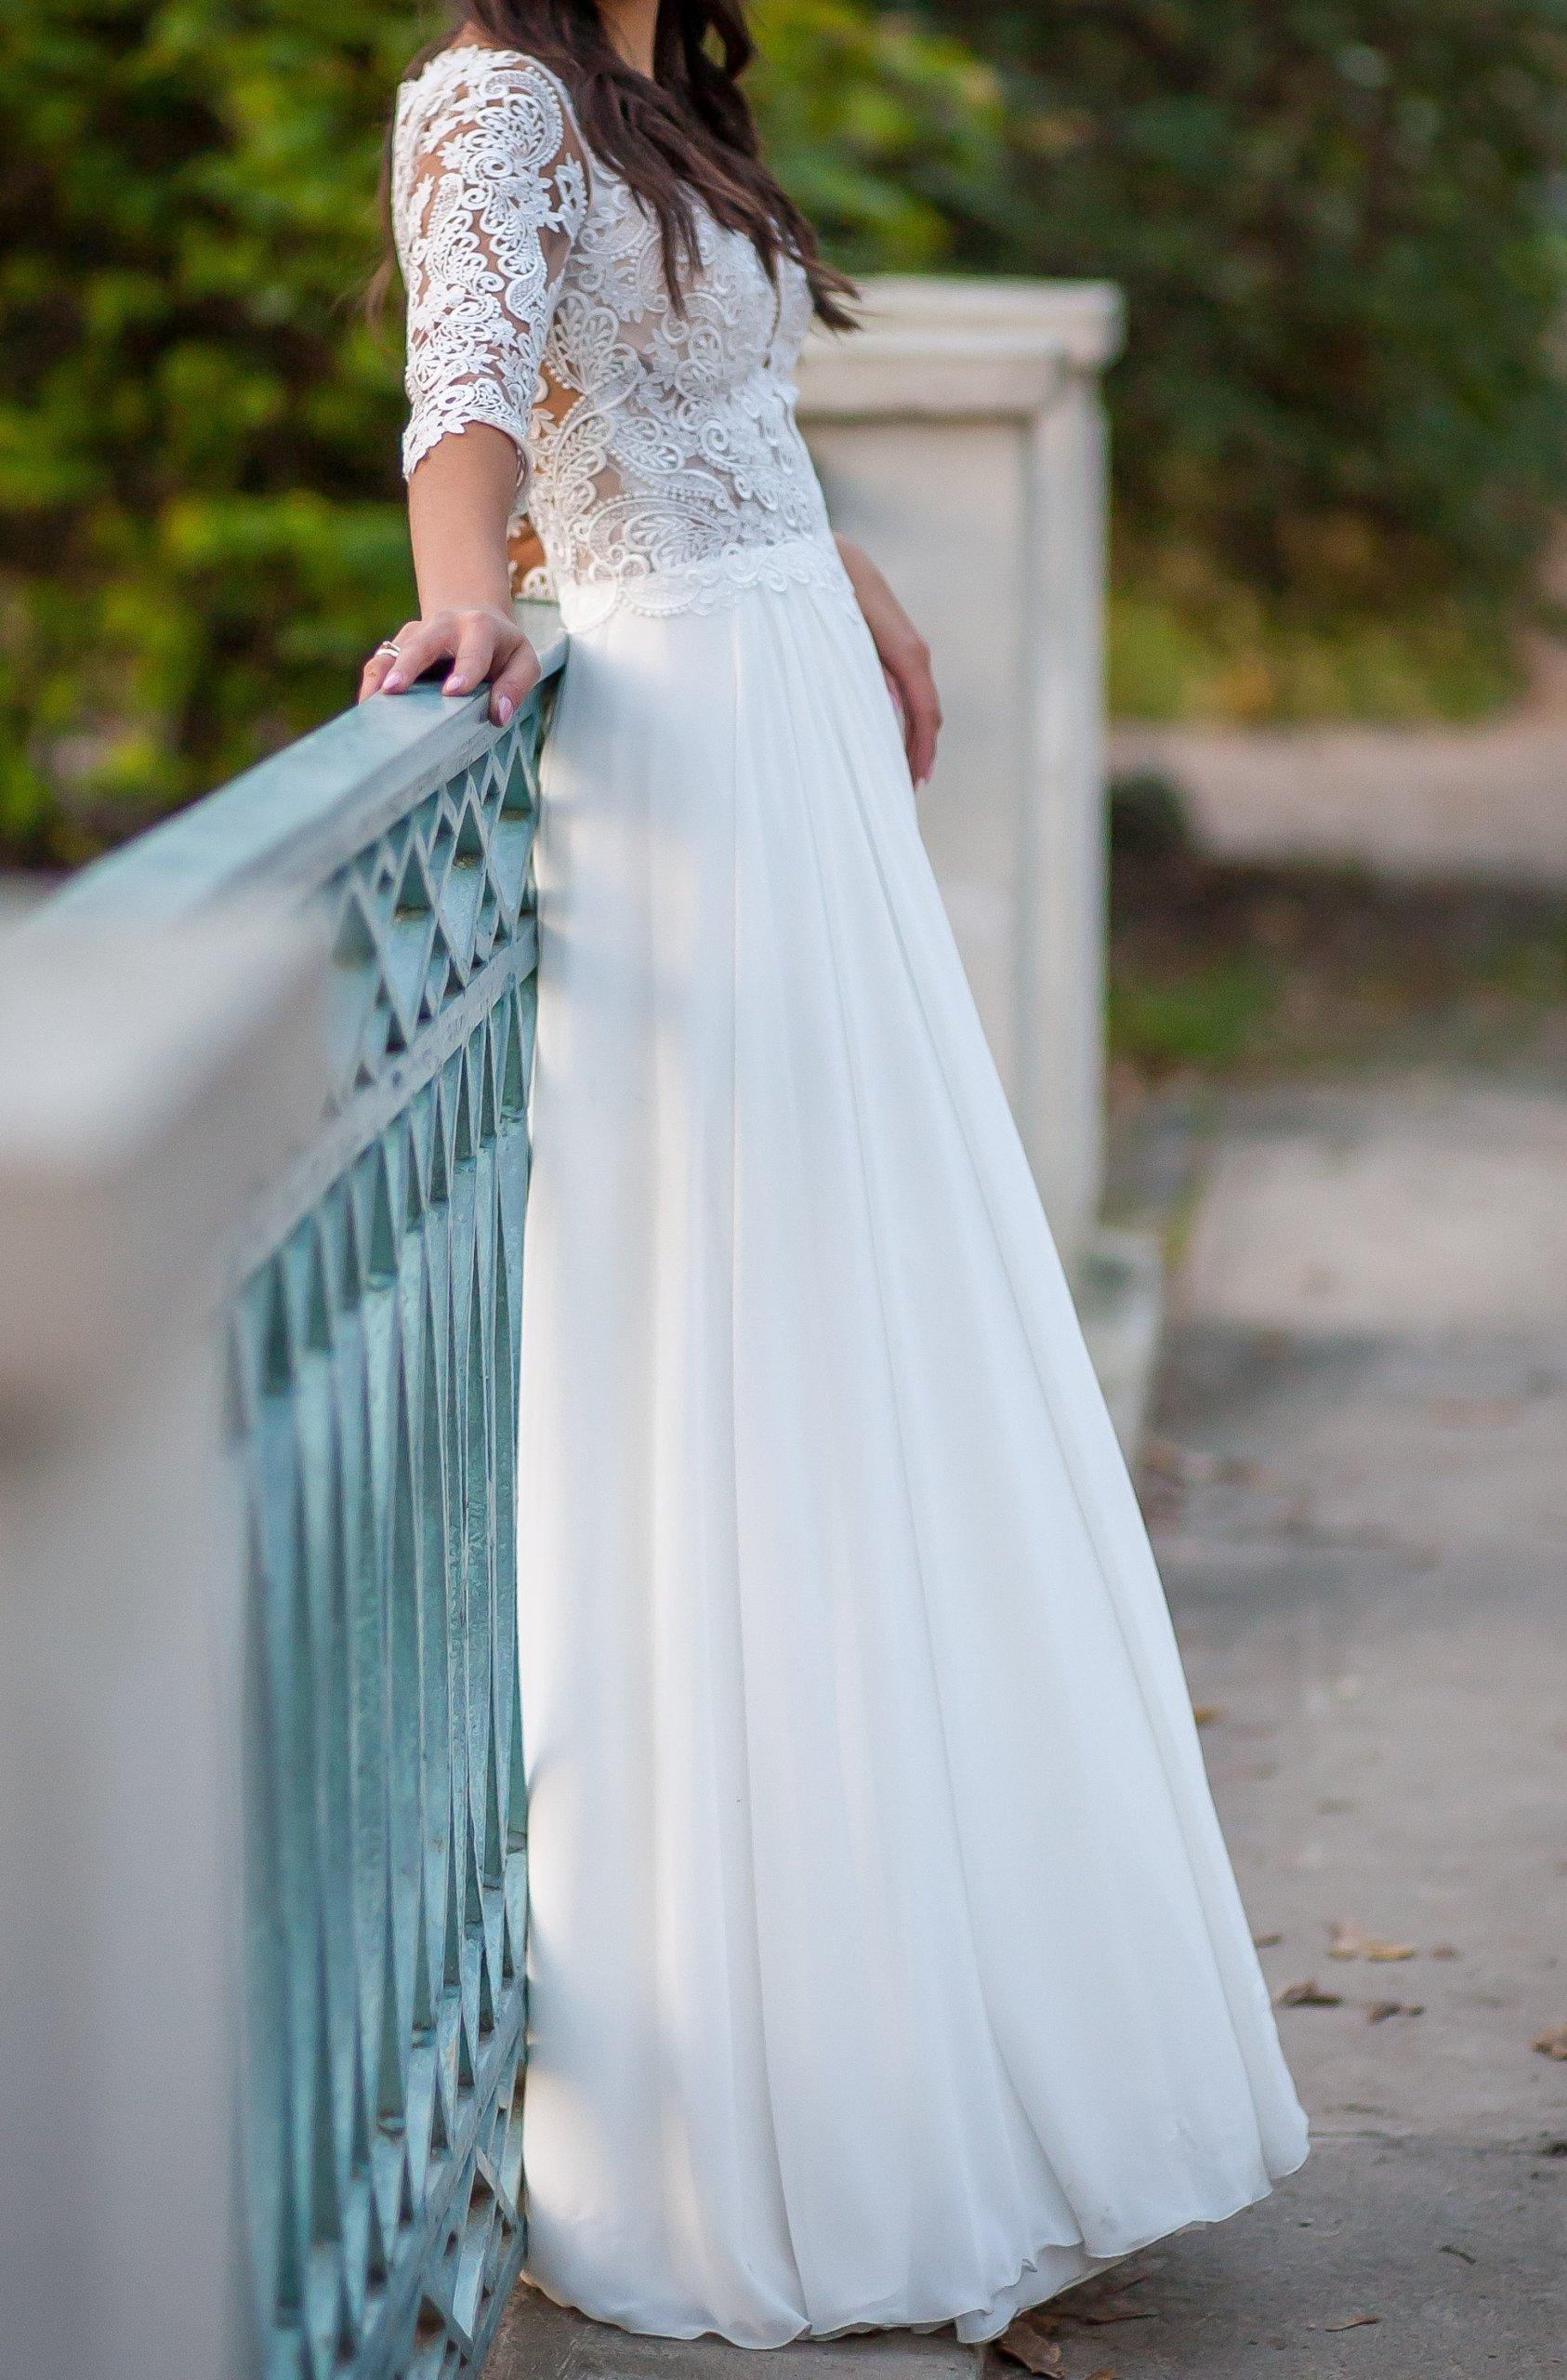 Suknia ślubna Z Rękawem 34 Rozmiar 34 Larisa 7412023192